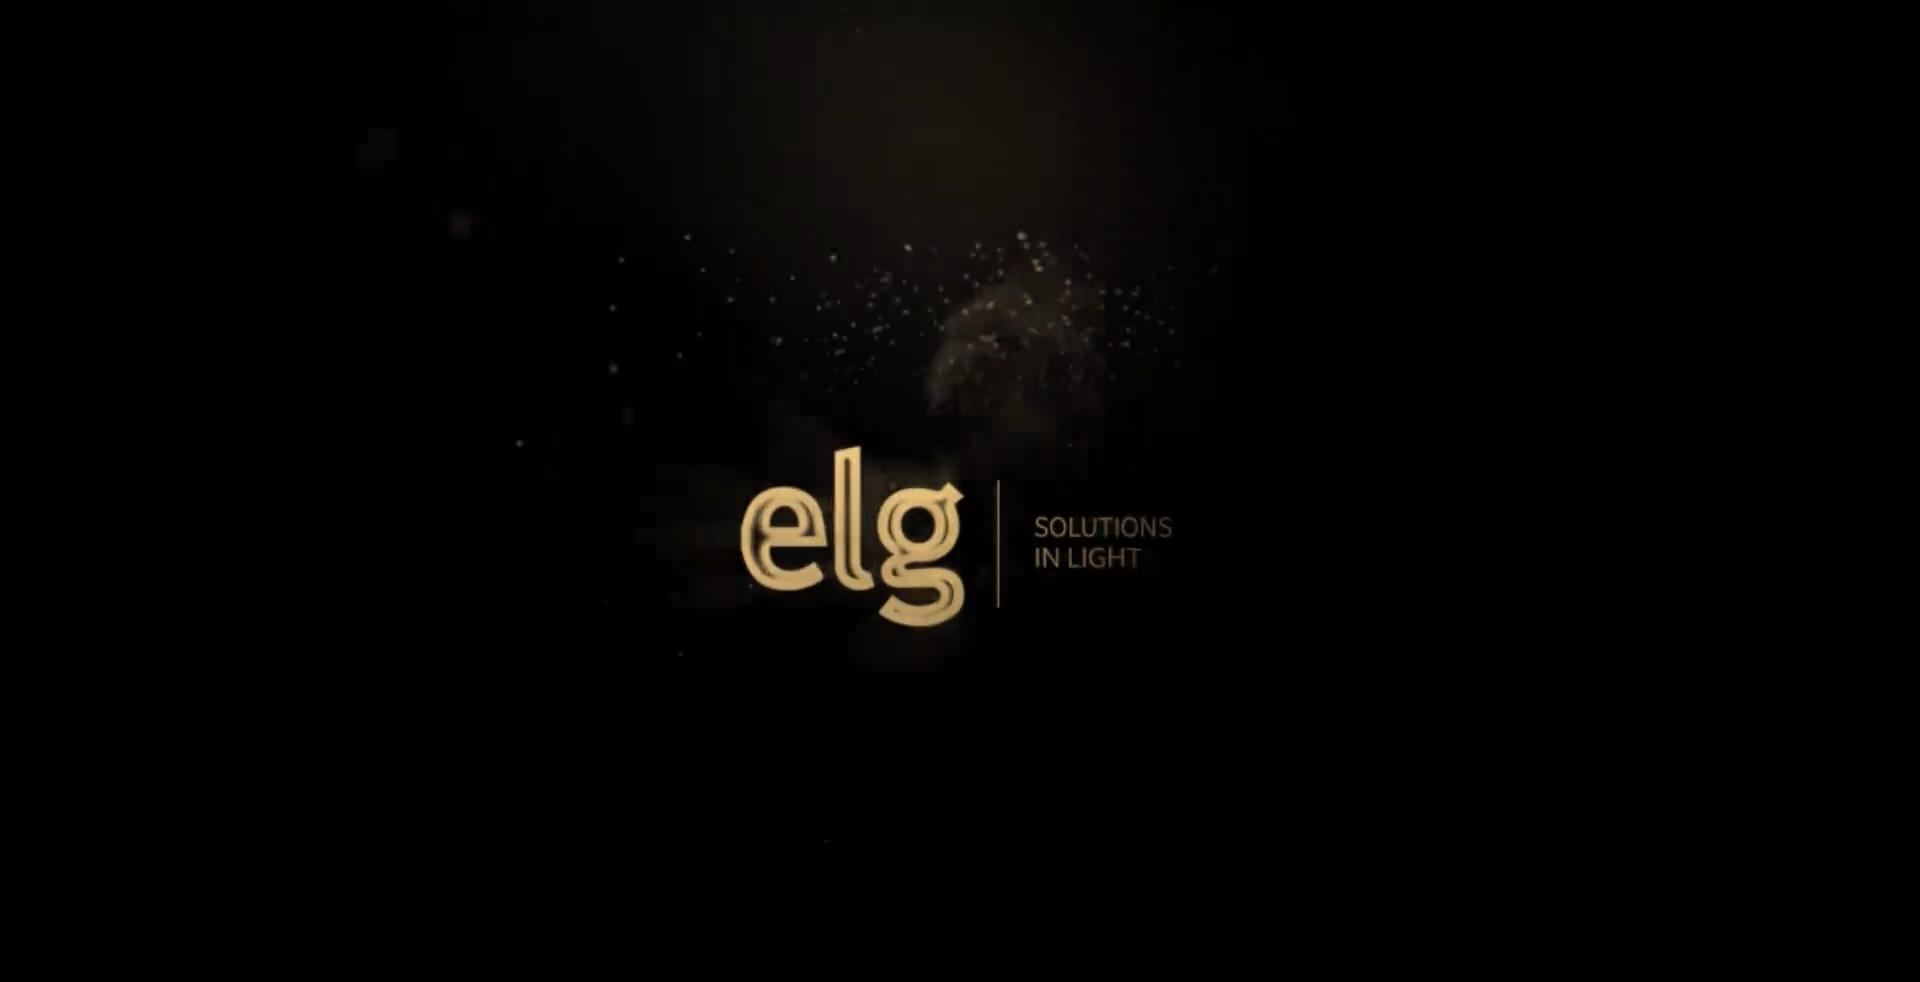 ELG Video